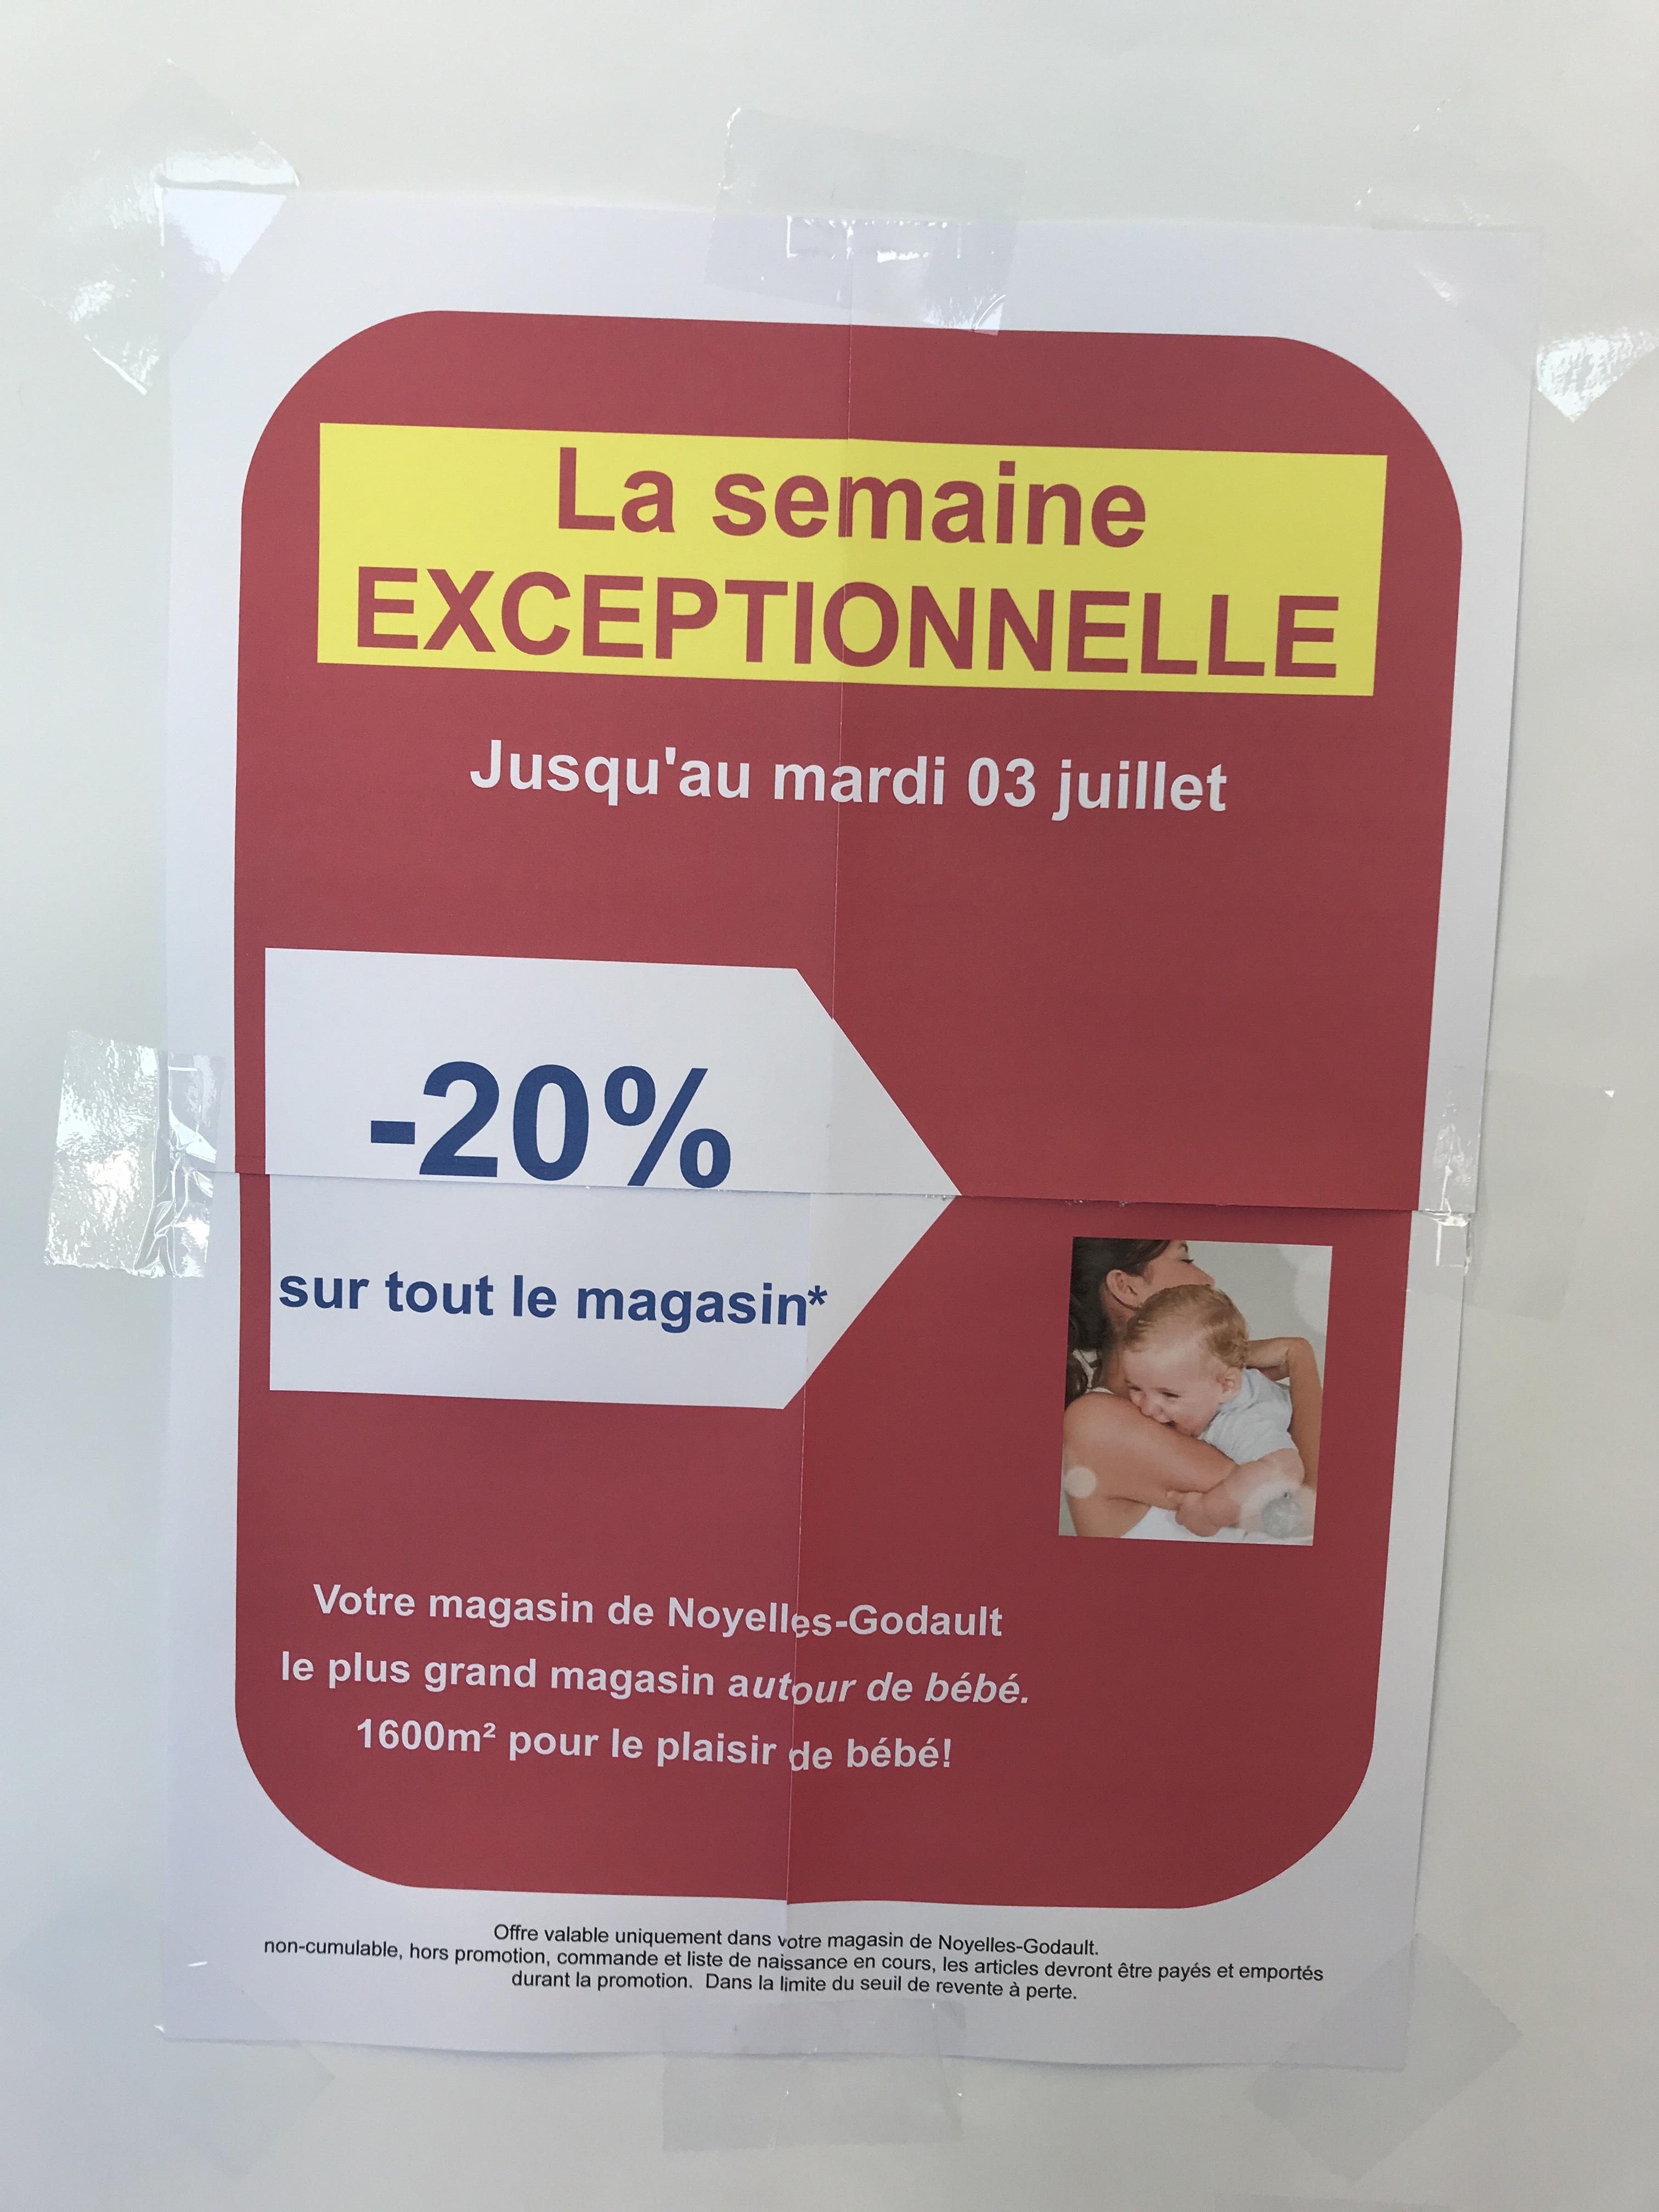 20% de réduction sur tout le magasin - Noyelles-Godault (62)